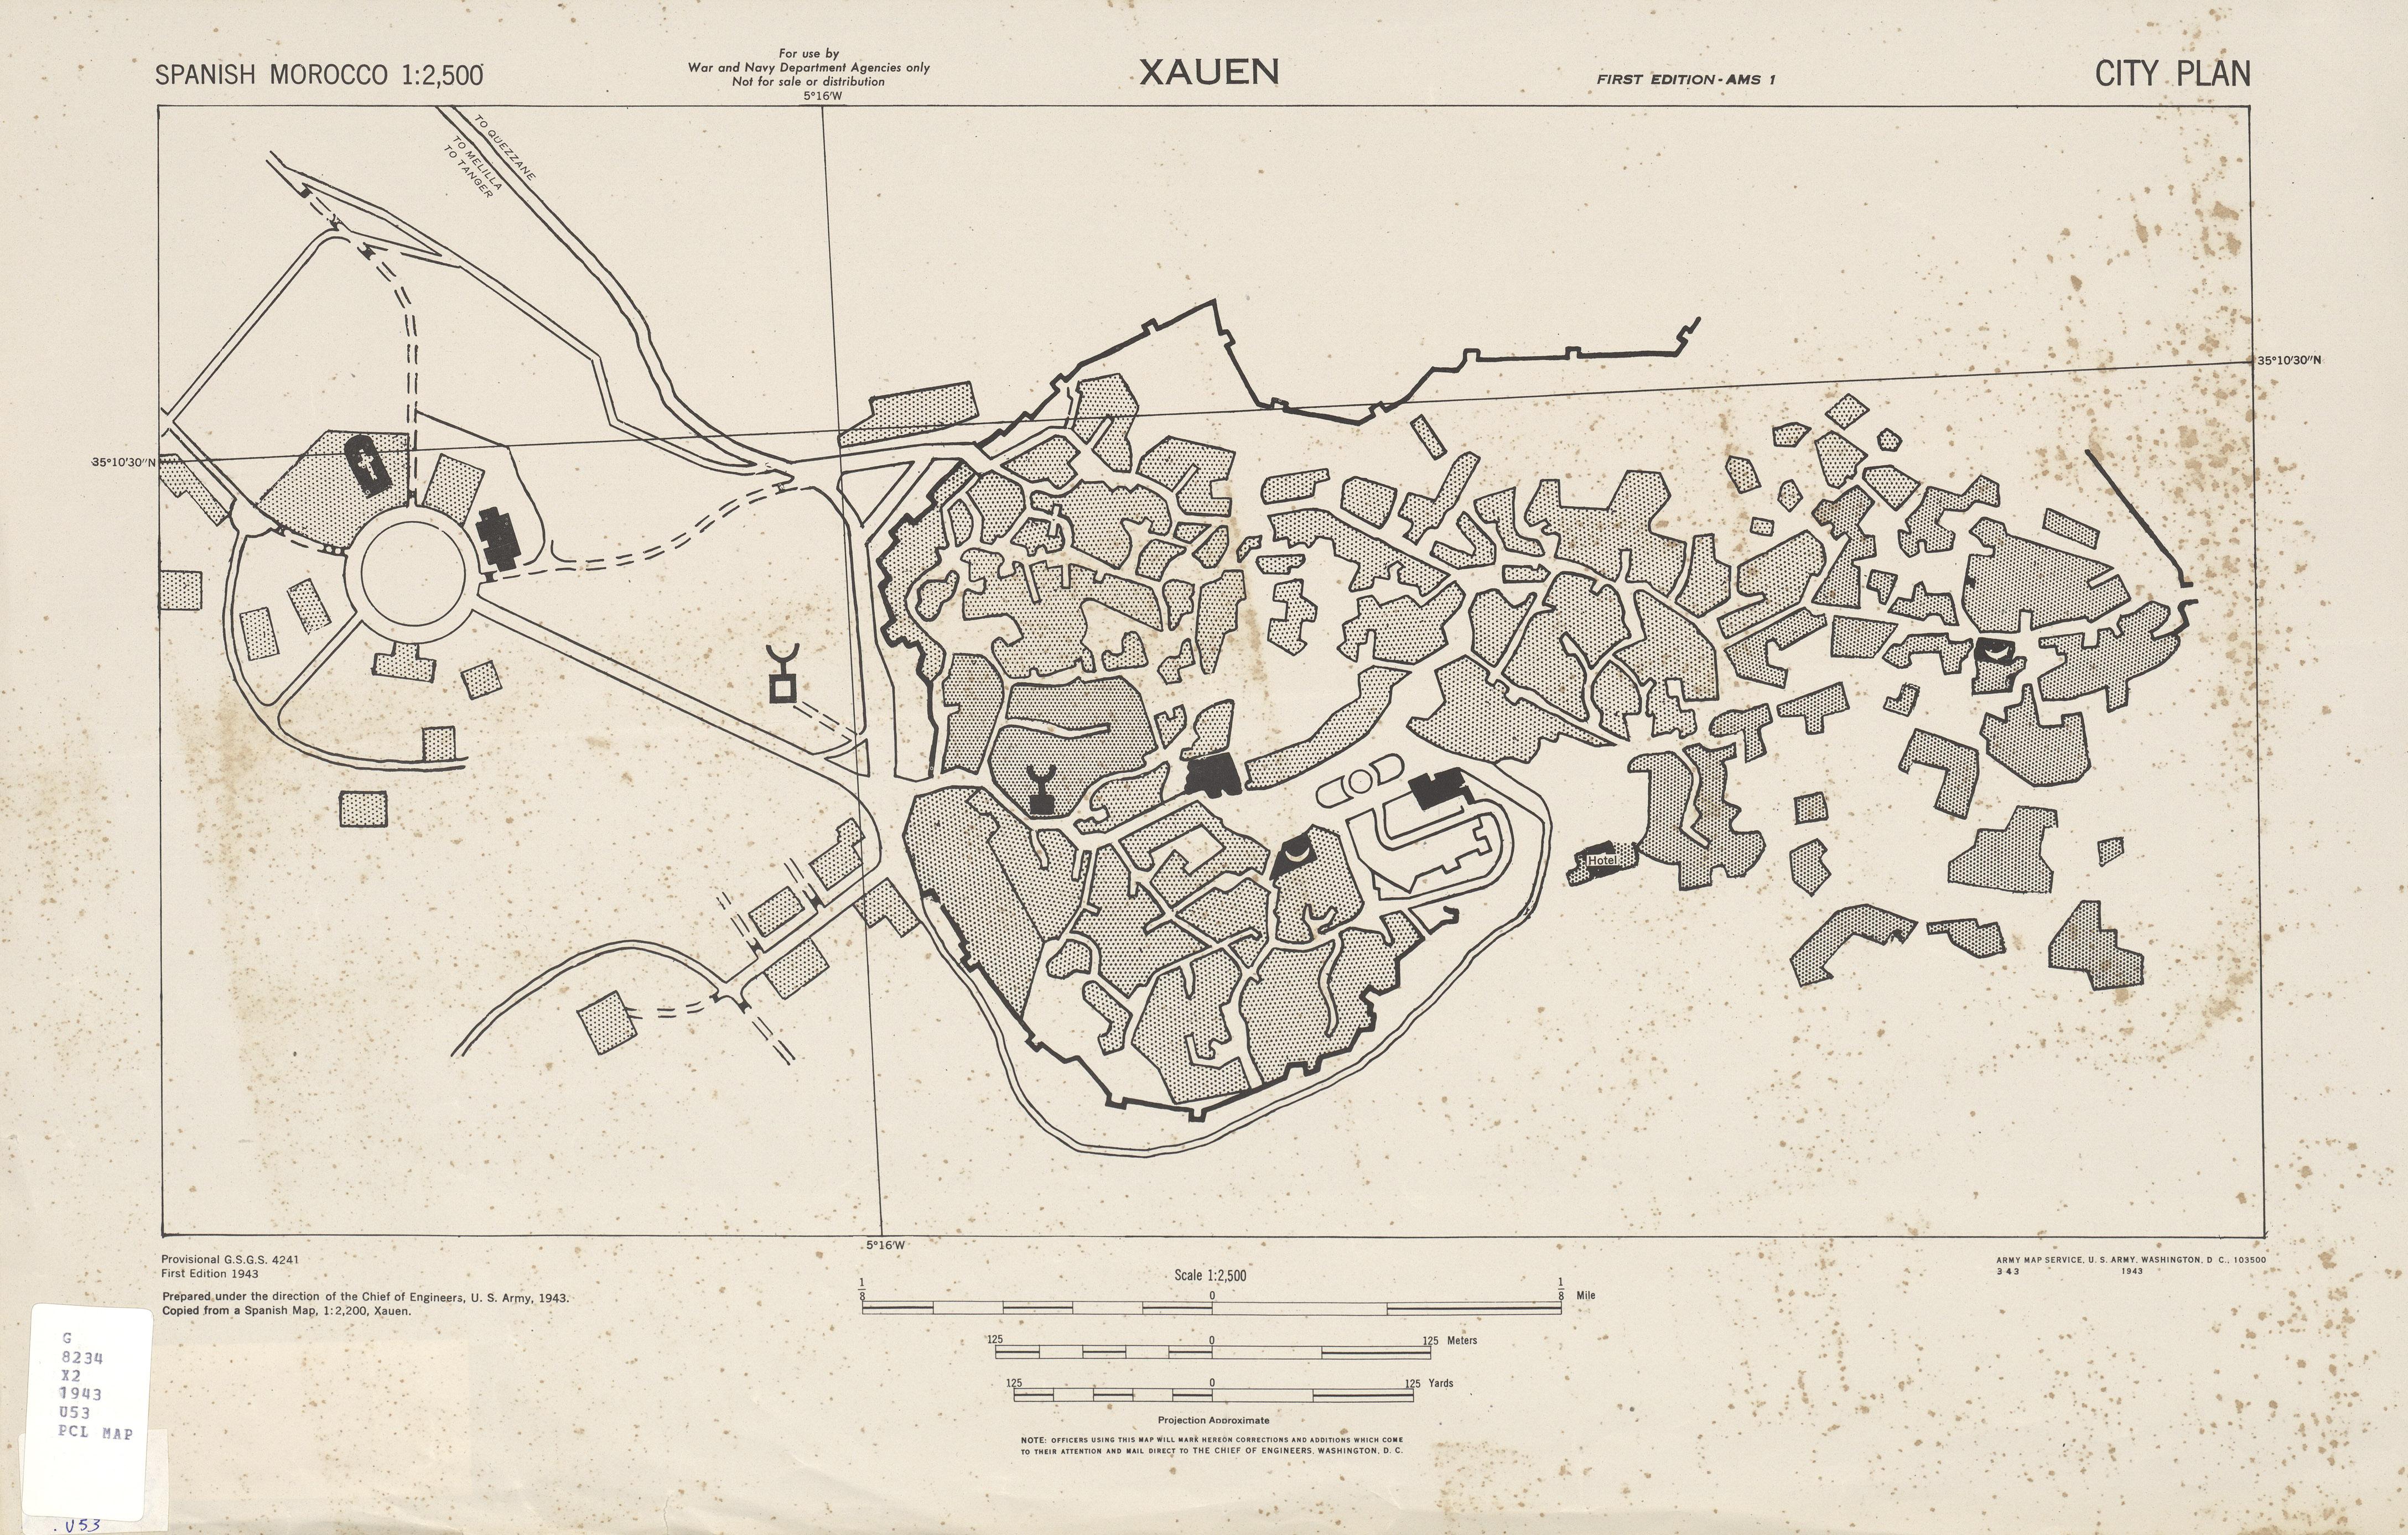 Mapa de la Ciudad de Chauen, Marruecos 1943